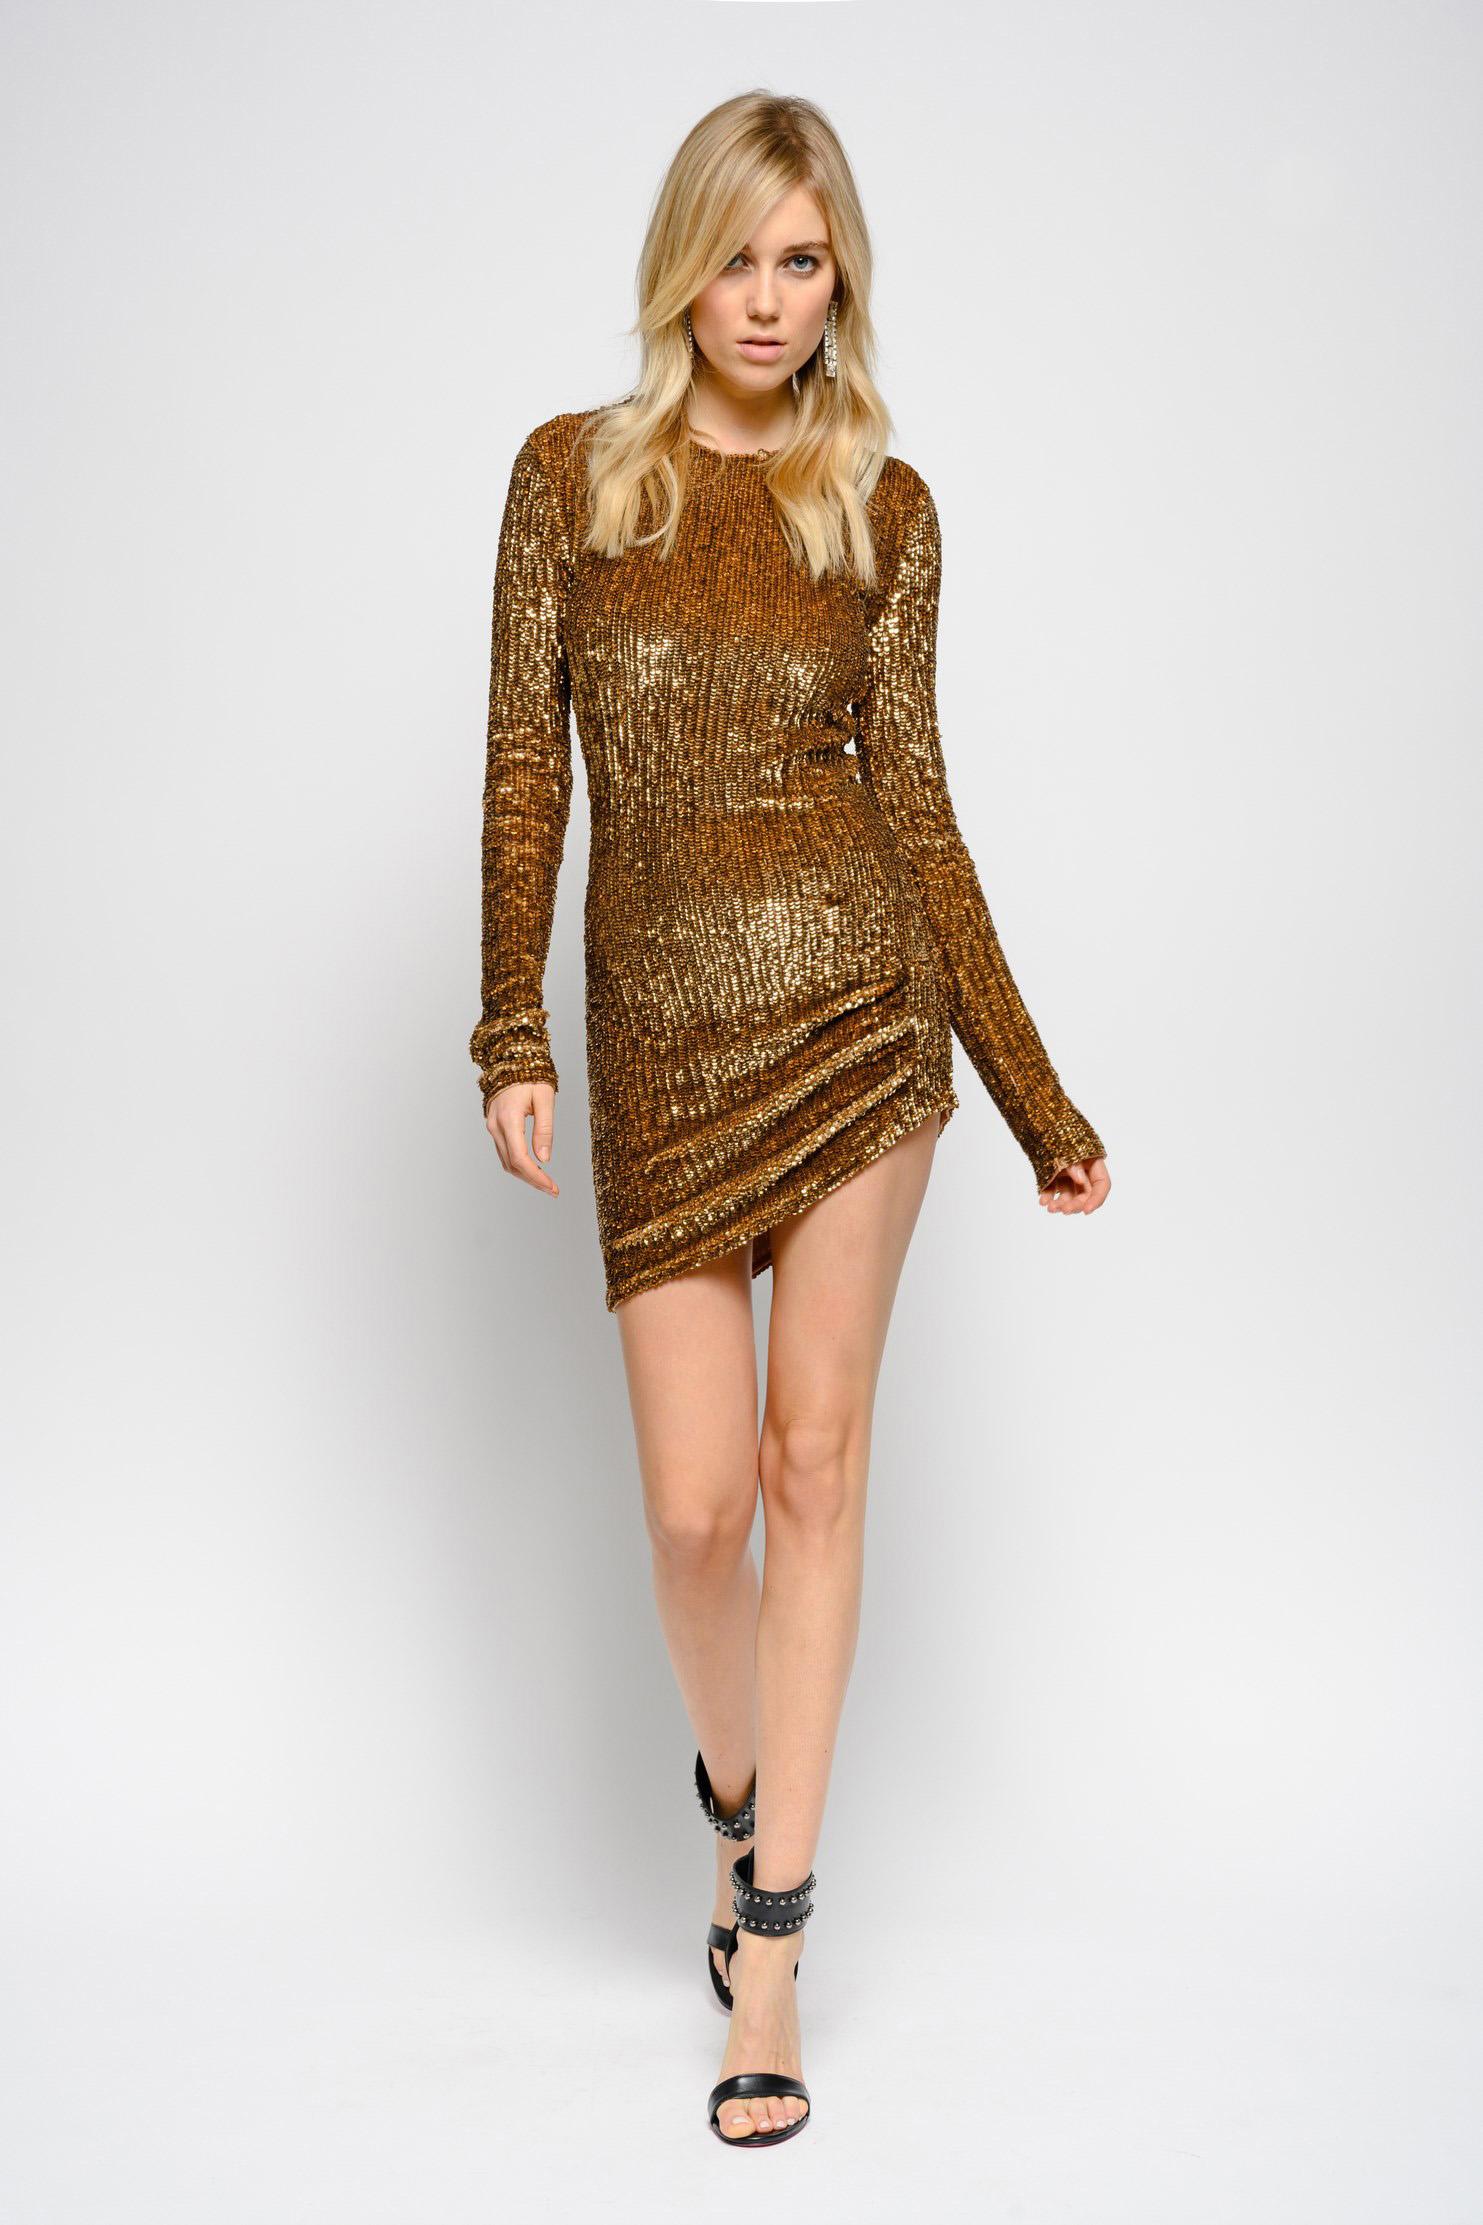 Abiti Oro Argento E Glitter Da Indossare A Natale E Capodanno I